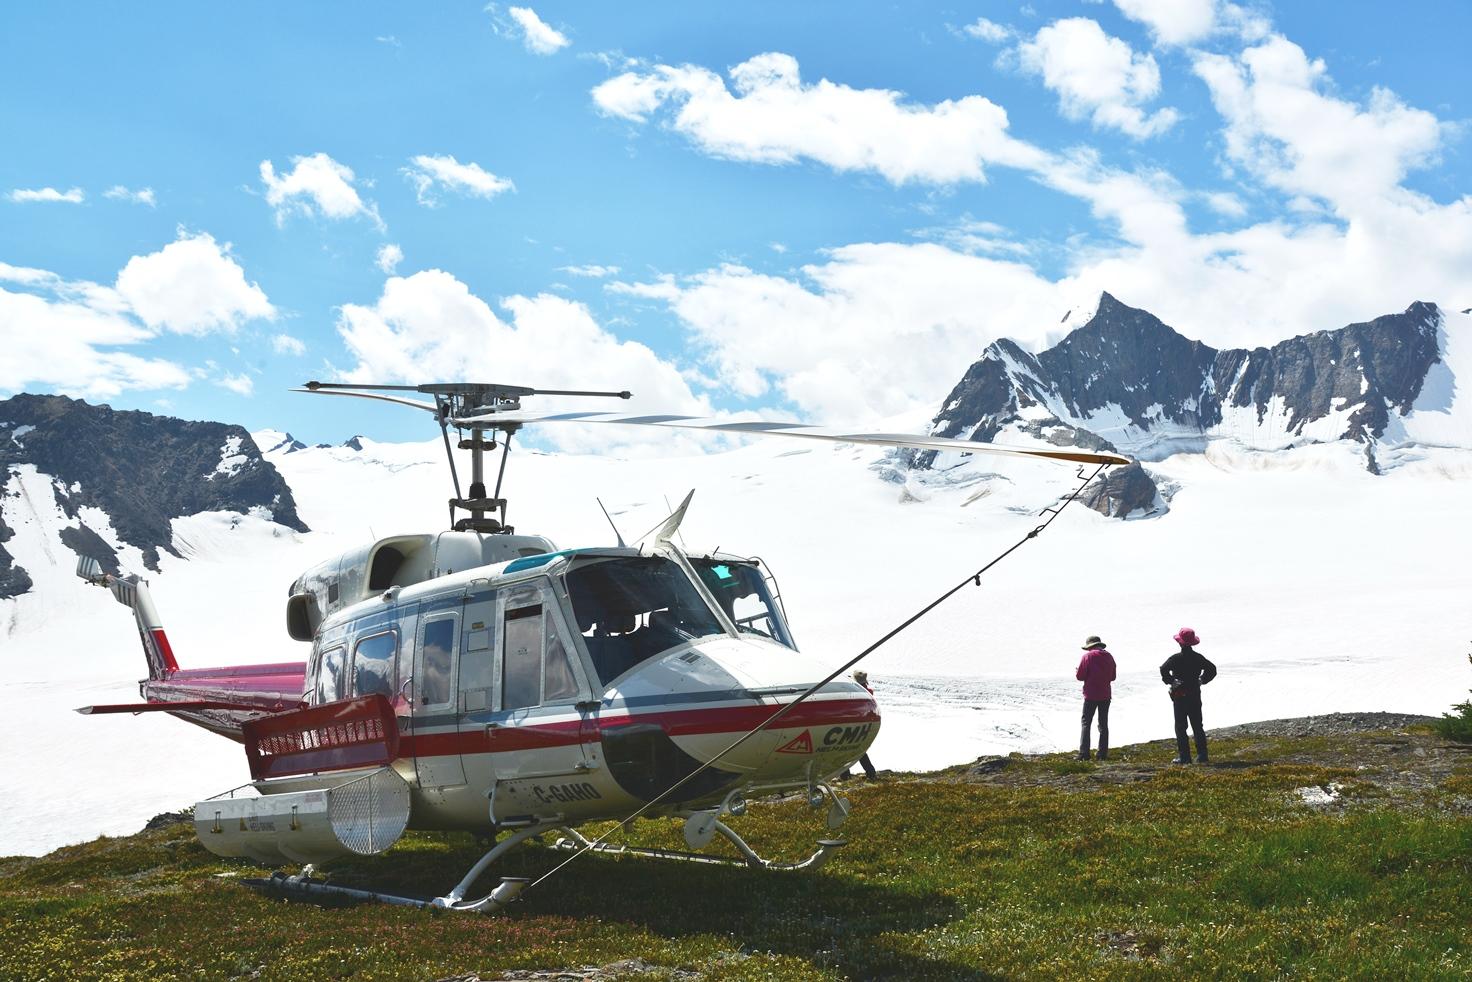 ヘリコプターをタクシーのように駆使して山上の楽園へ